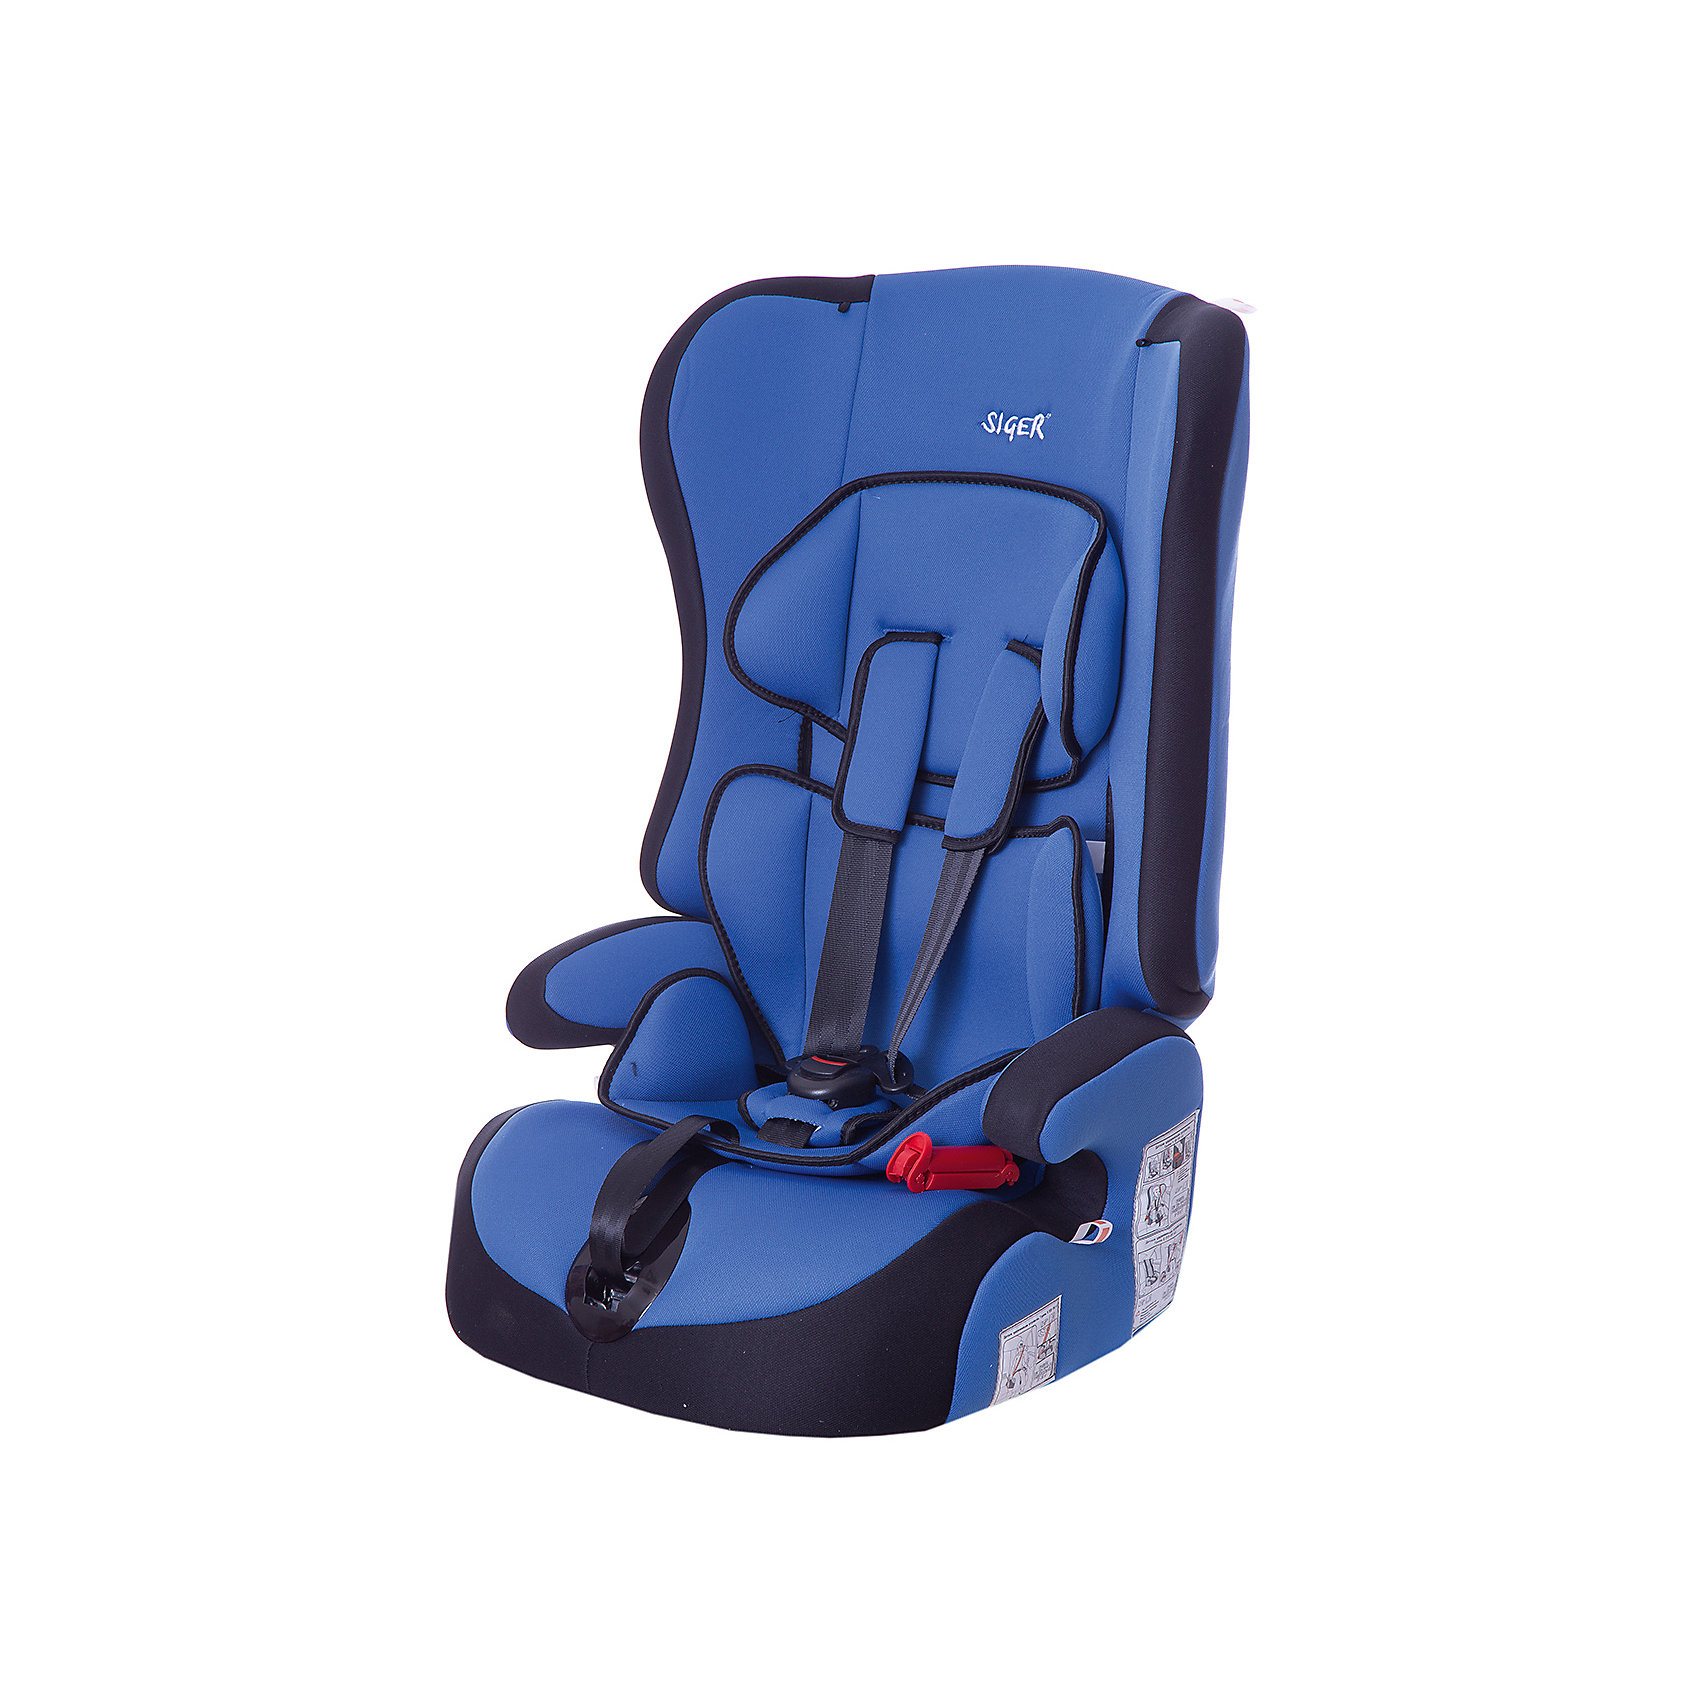 Автокресло Siger Прайм, 9-36 кг, синий